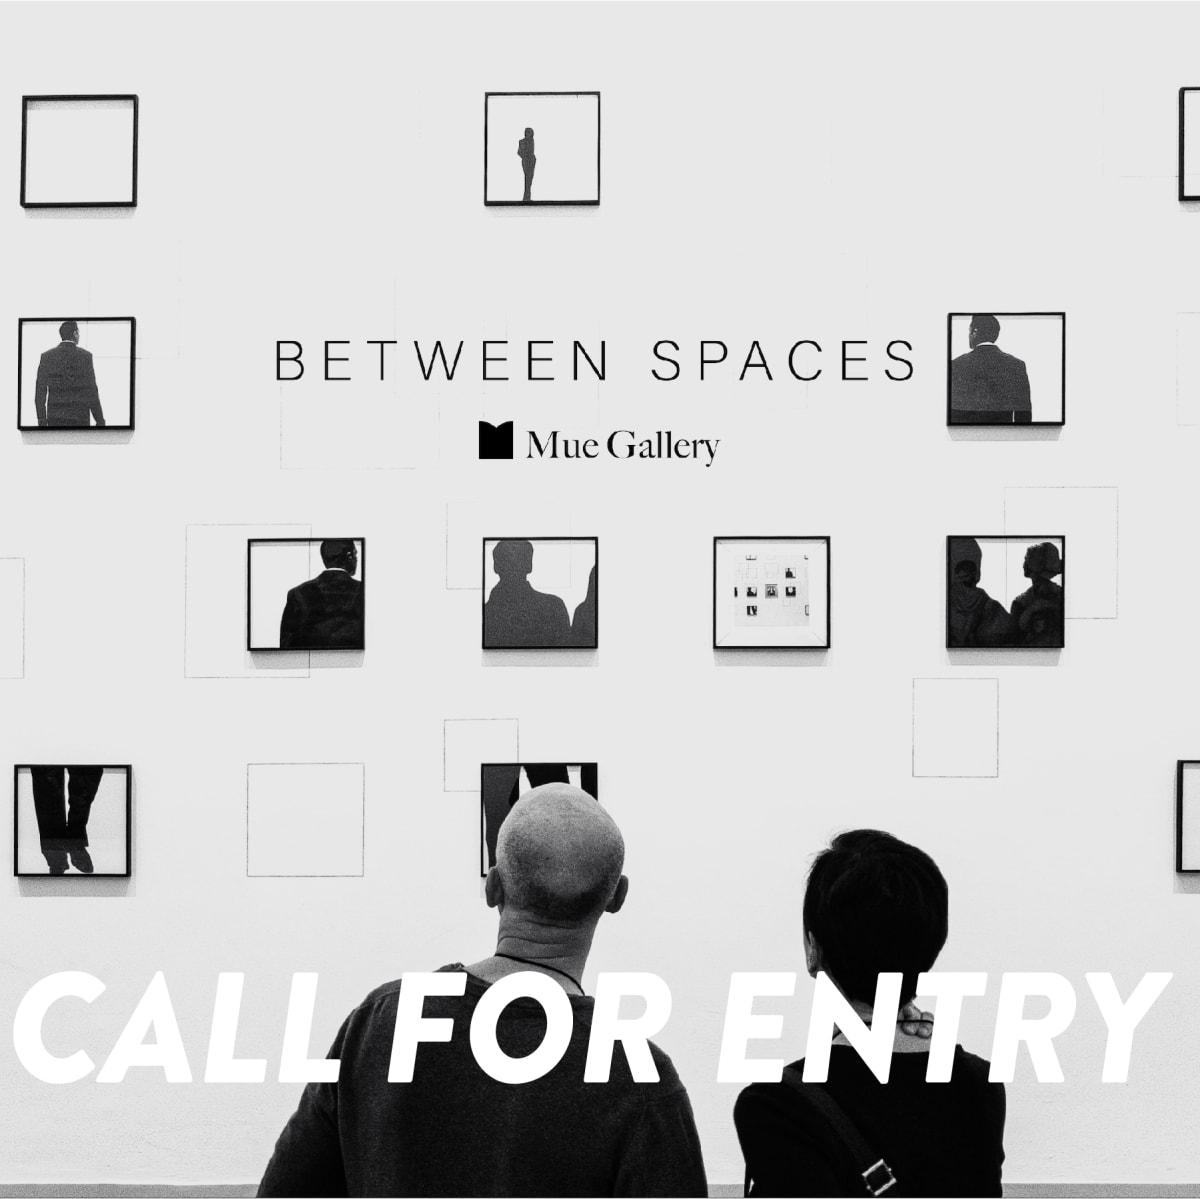 Mue Gallery Winter Exhibition: Between Spaces